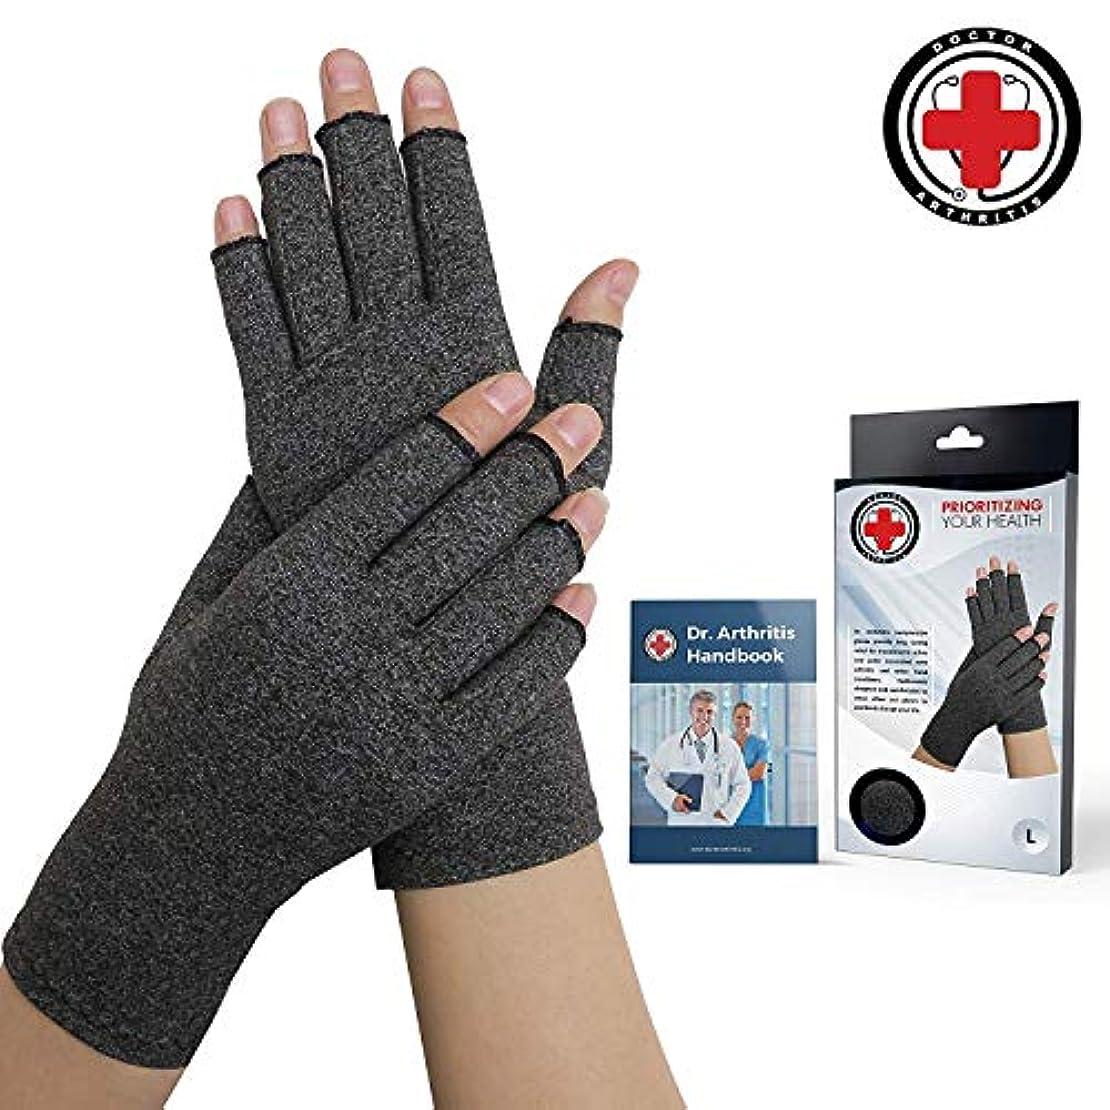 感性コロニアルコマース着圧引き締め 指 なし 手袋(ペア)DR ARTHRITIS(ドクターアースライティス) - 医師達により開発 手、指の痛みを和らげる | 黒、2枚入り(右手、左手用各1 - 中)